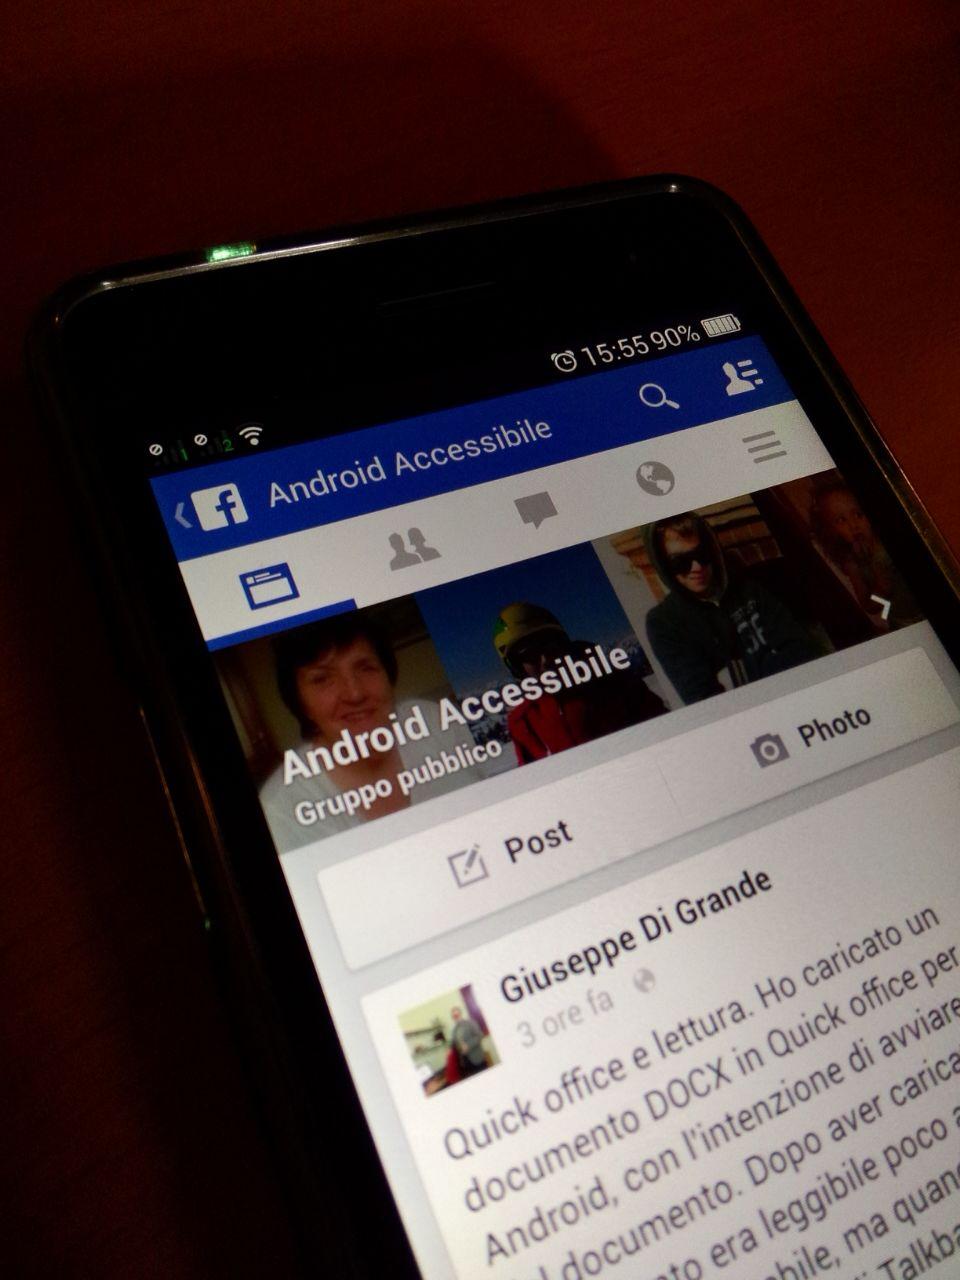 Google Android: su Facebook si parla di accessibilità